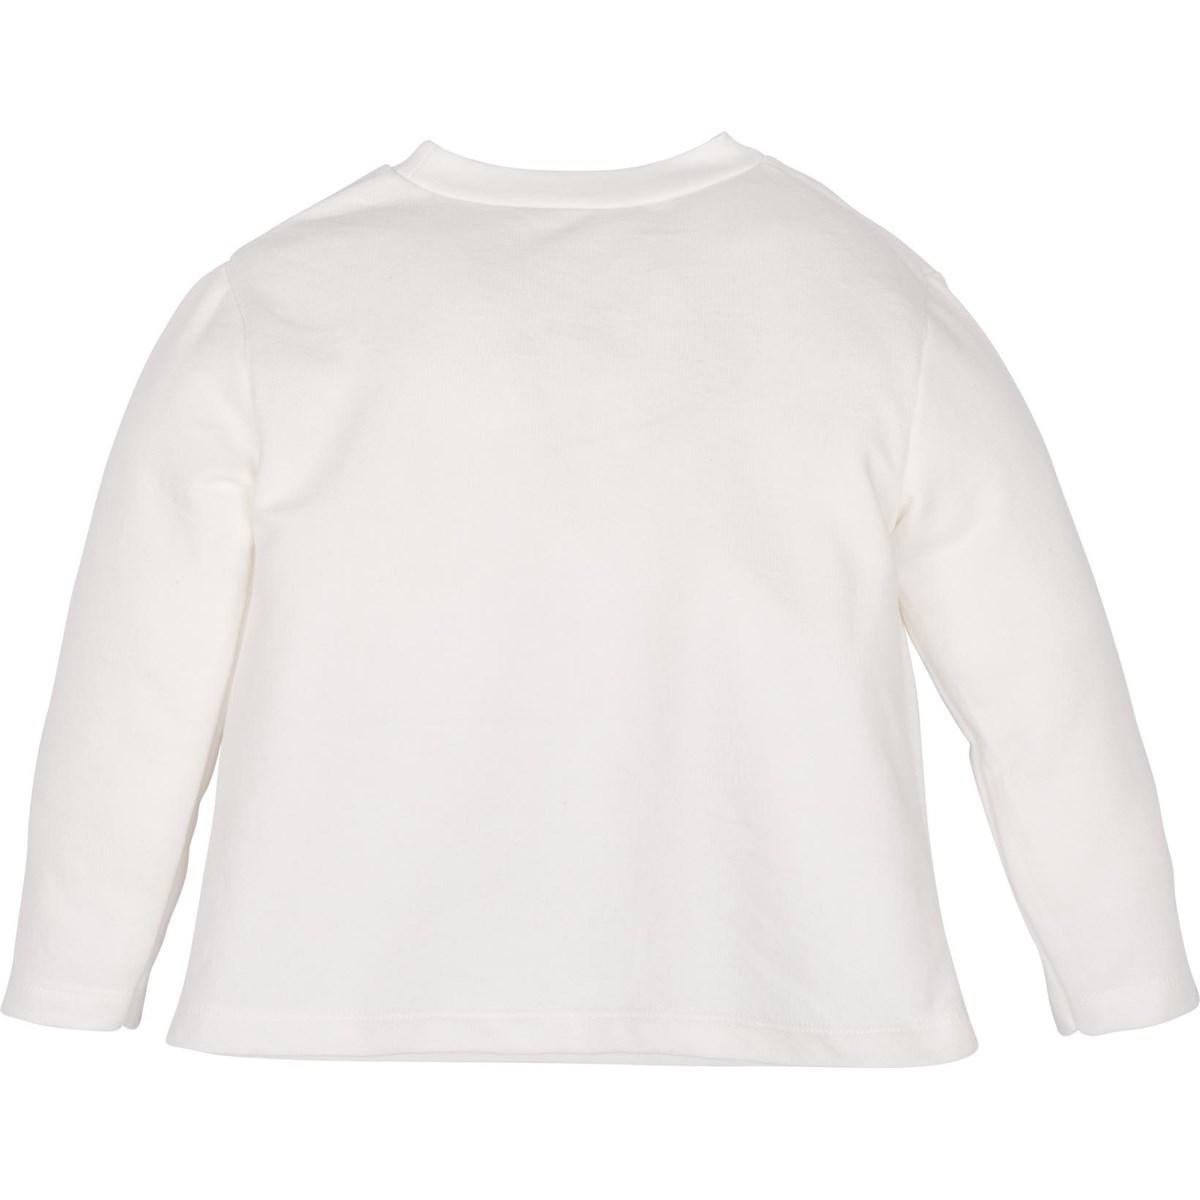 12770 Sweatshirt 2